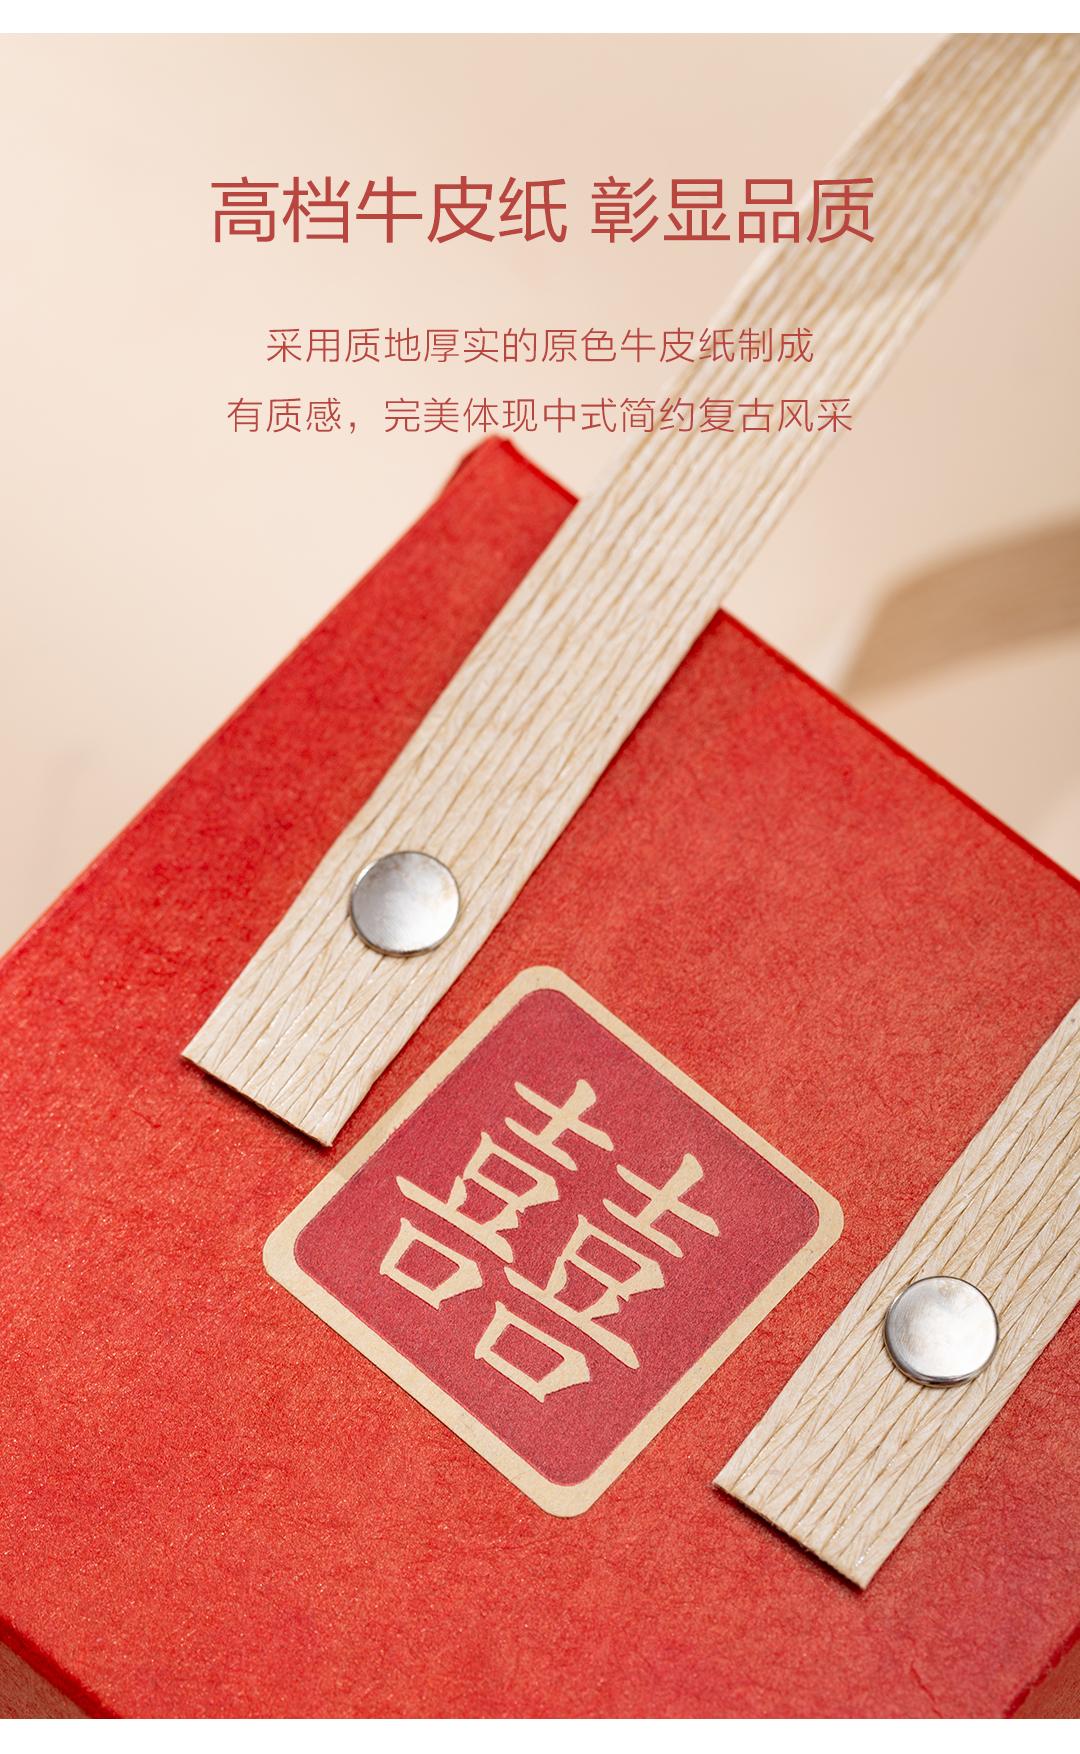 中国风手提复古囍字糖盒(含糖成品)